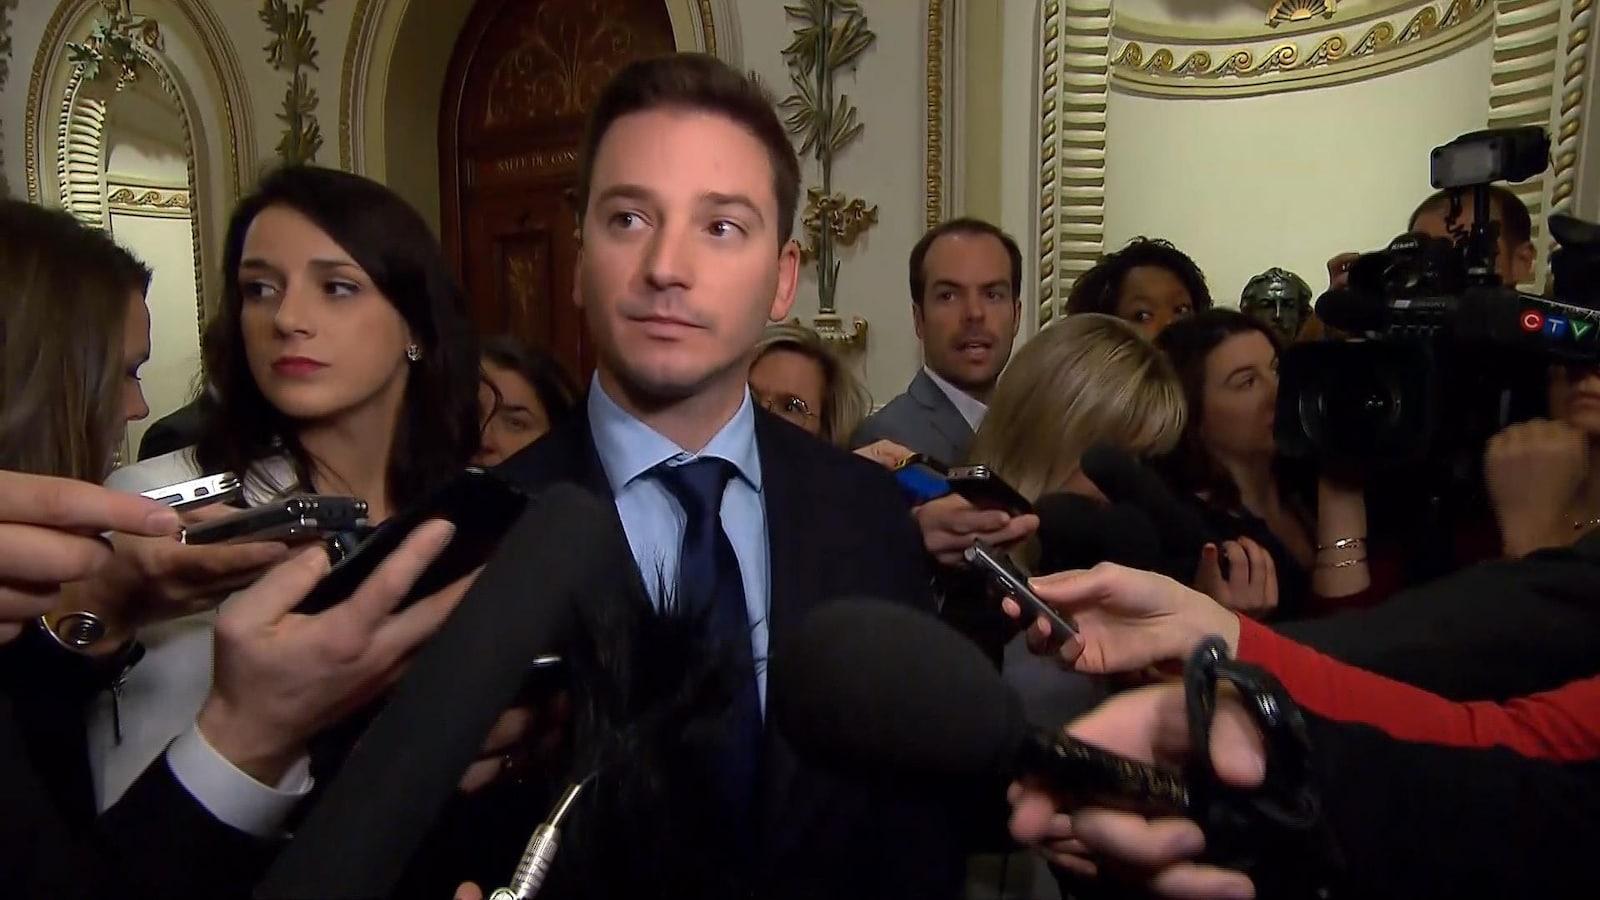 Le ministre responsable de la Laïcité, Simon Jolin-Barrette répond aux journalistes concernant l'interdiction de porter le tchador dans la fonction publique.